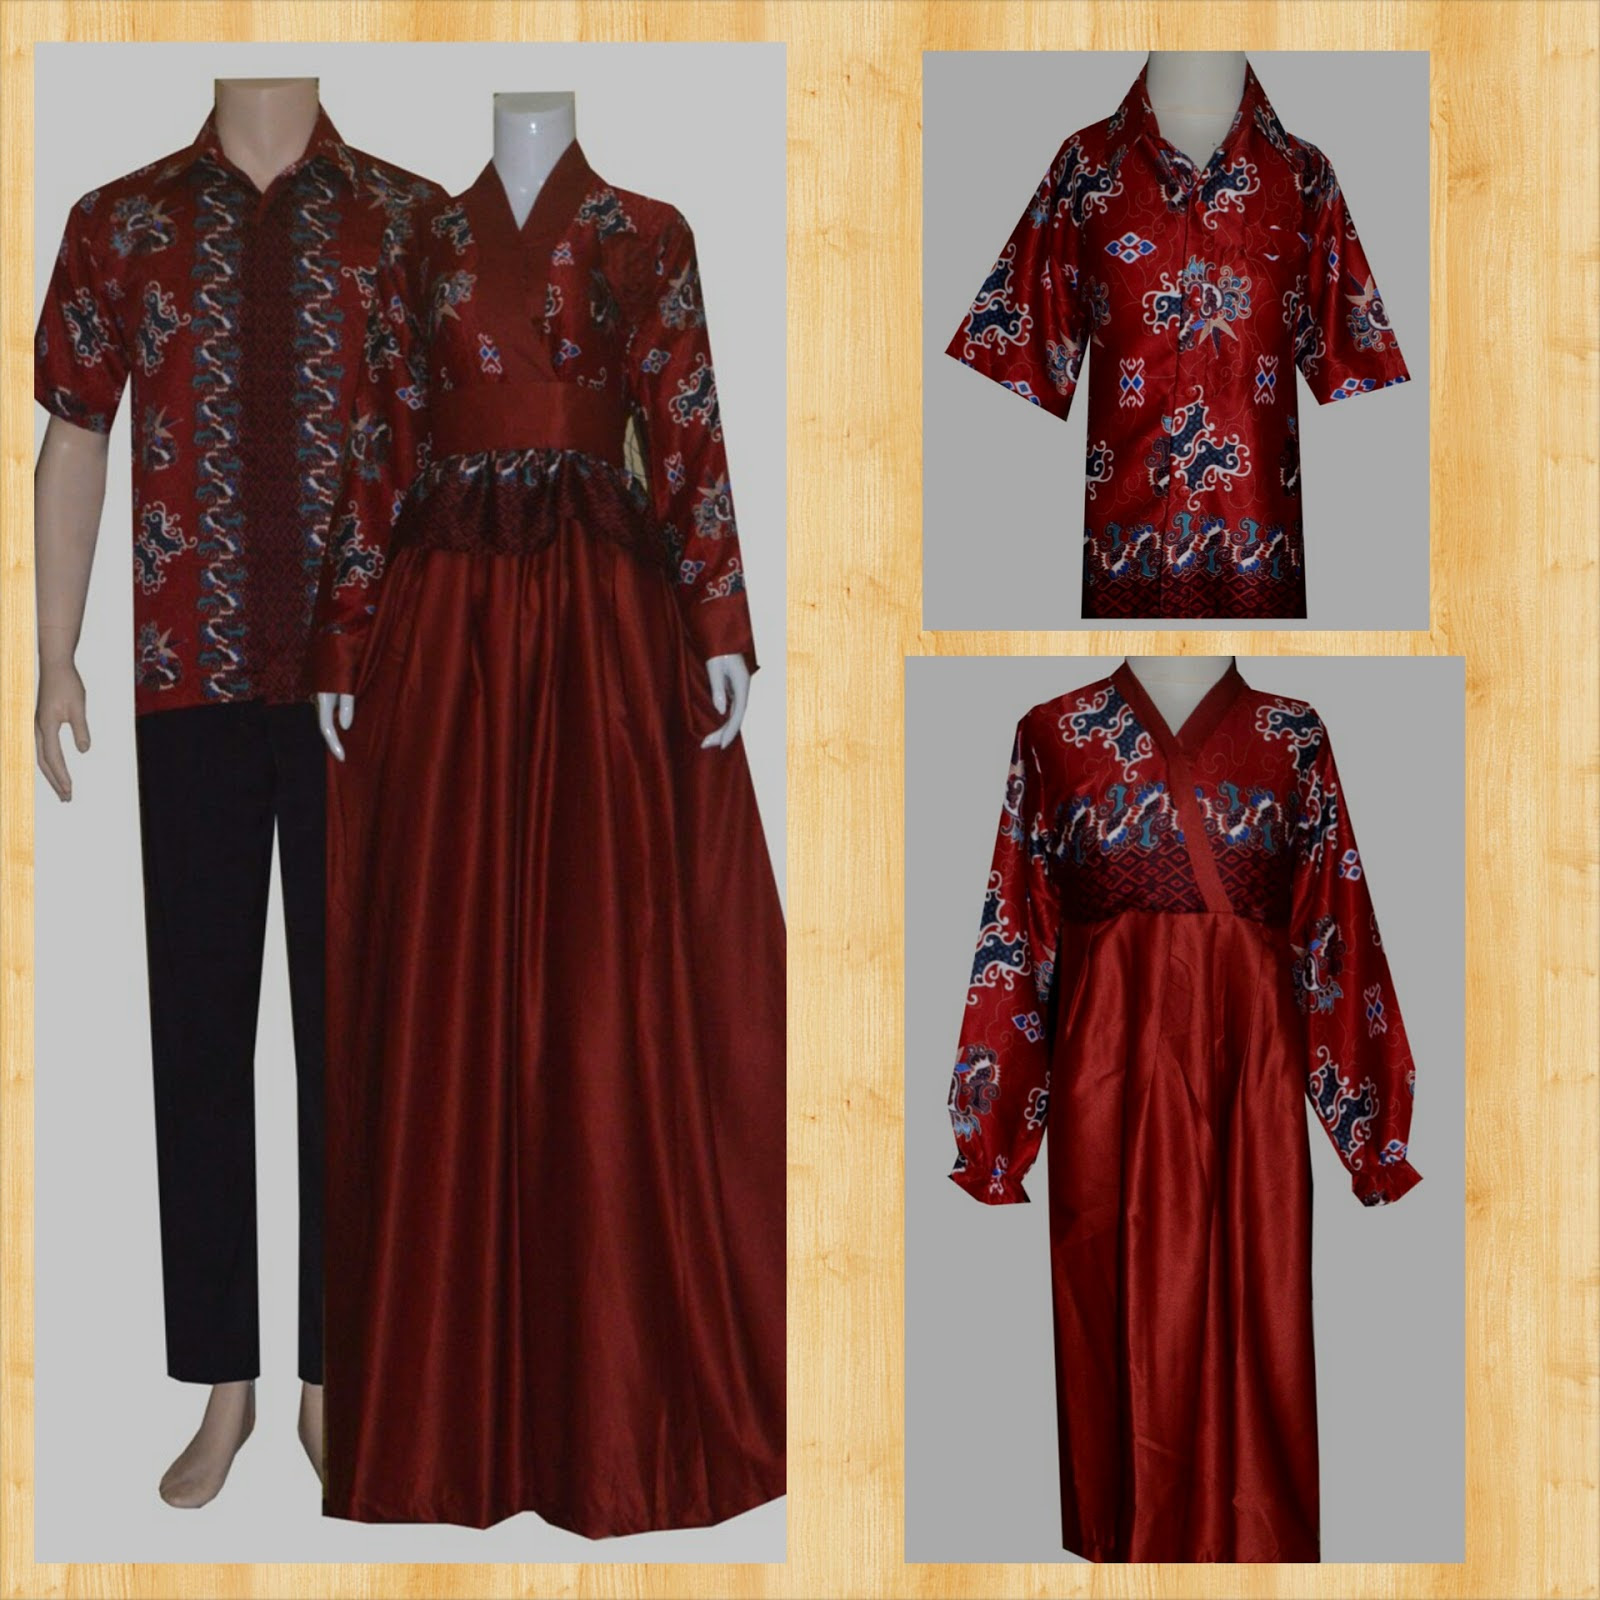 Baju Batik Modern Untuk Orang Tua: Baju Gamis Terbaru Untuk Orang Tua